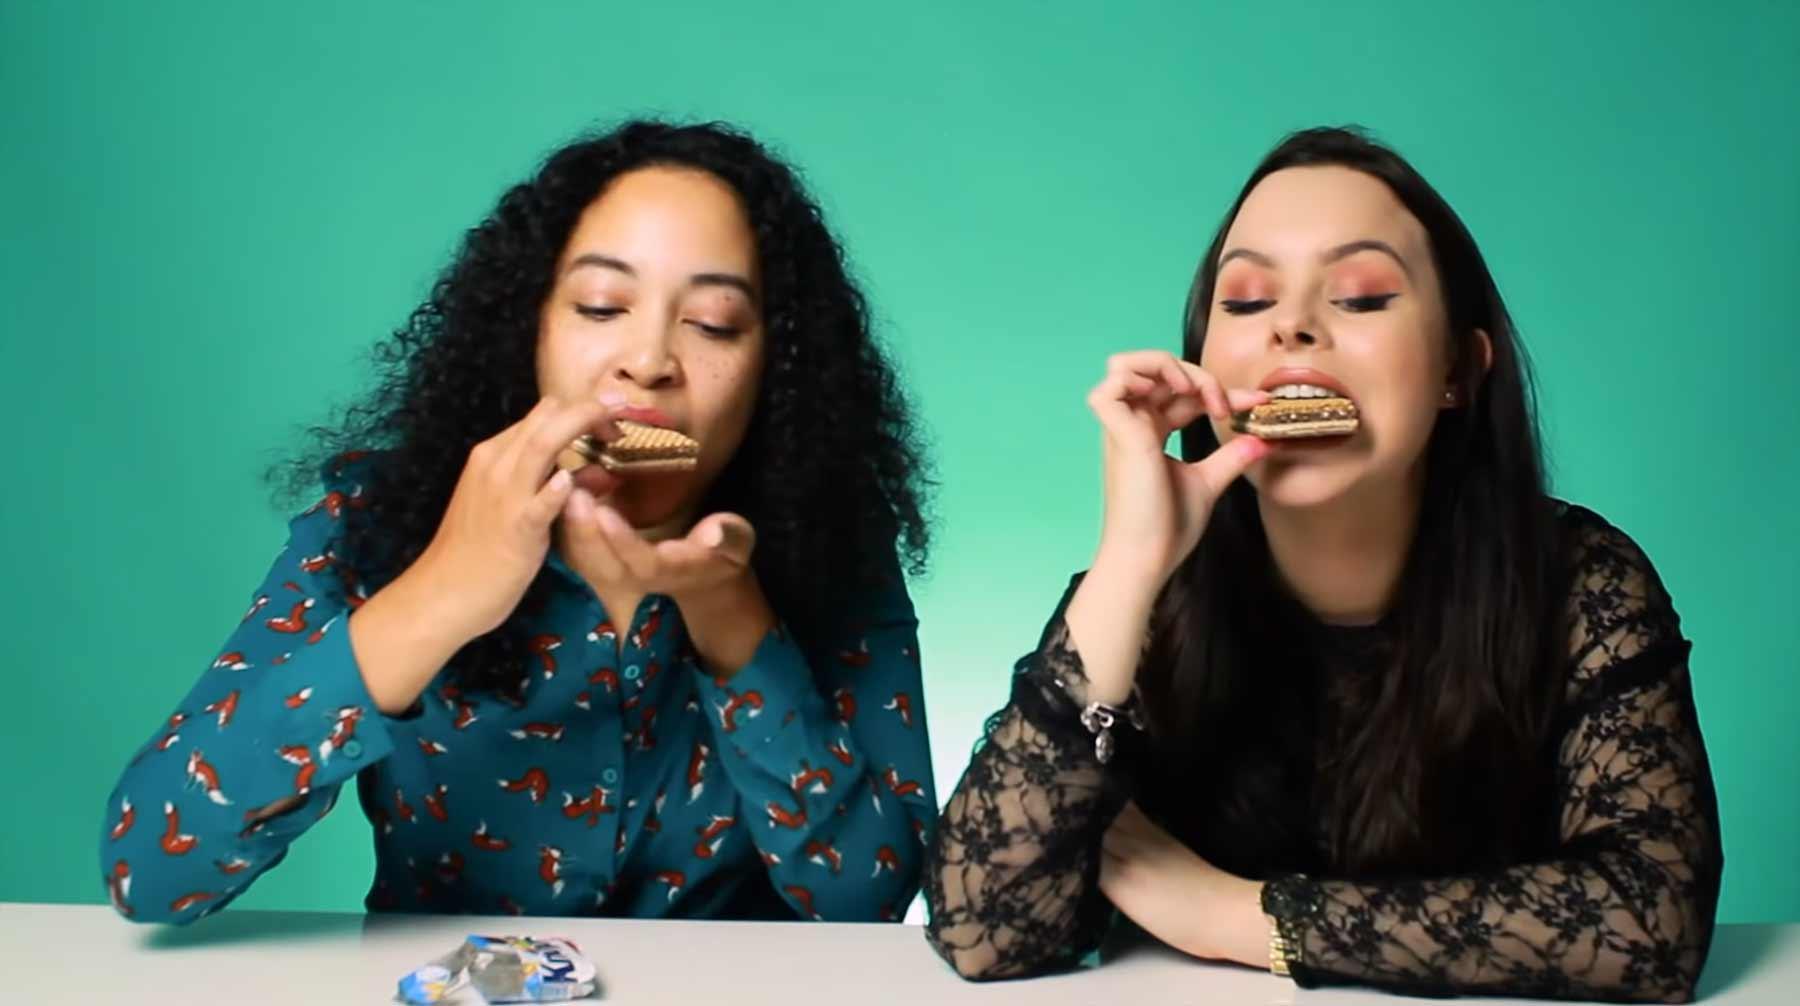 Iren testessen deutsche Süßigkeiten iren-testen-deutsche-snacks